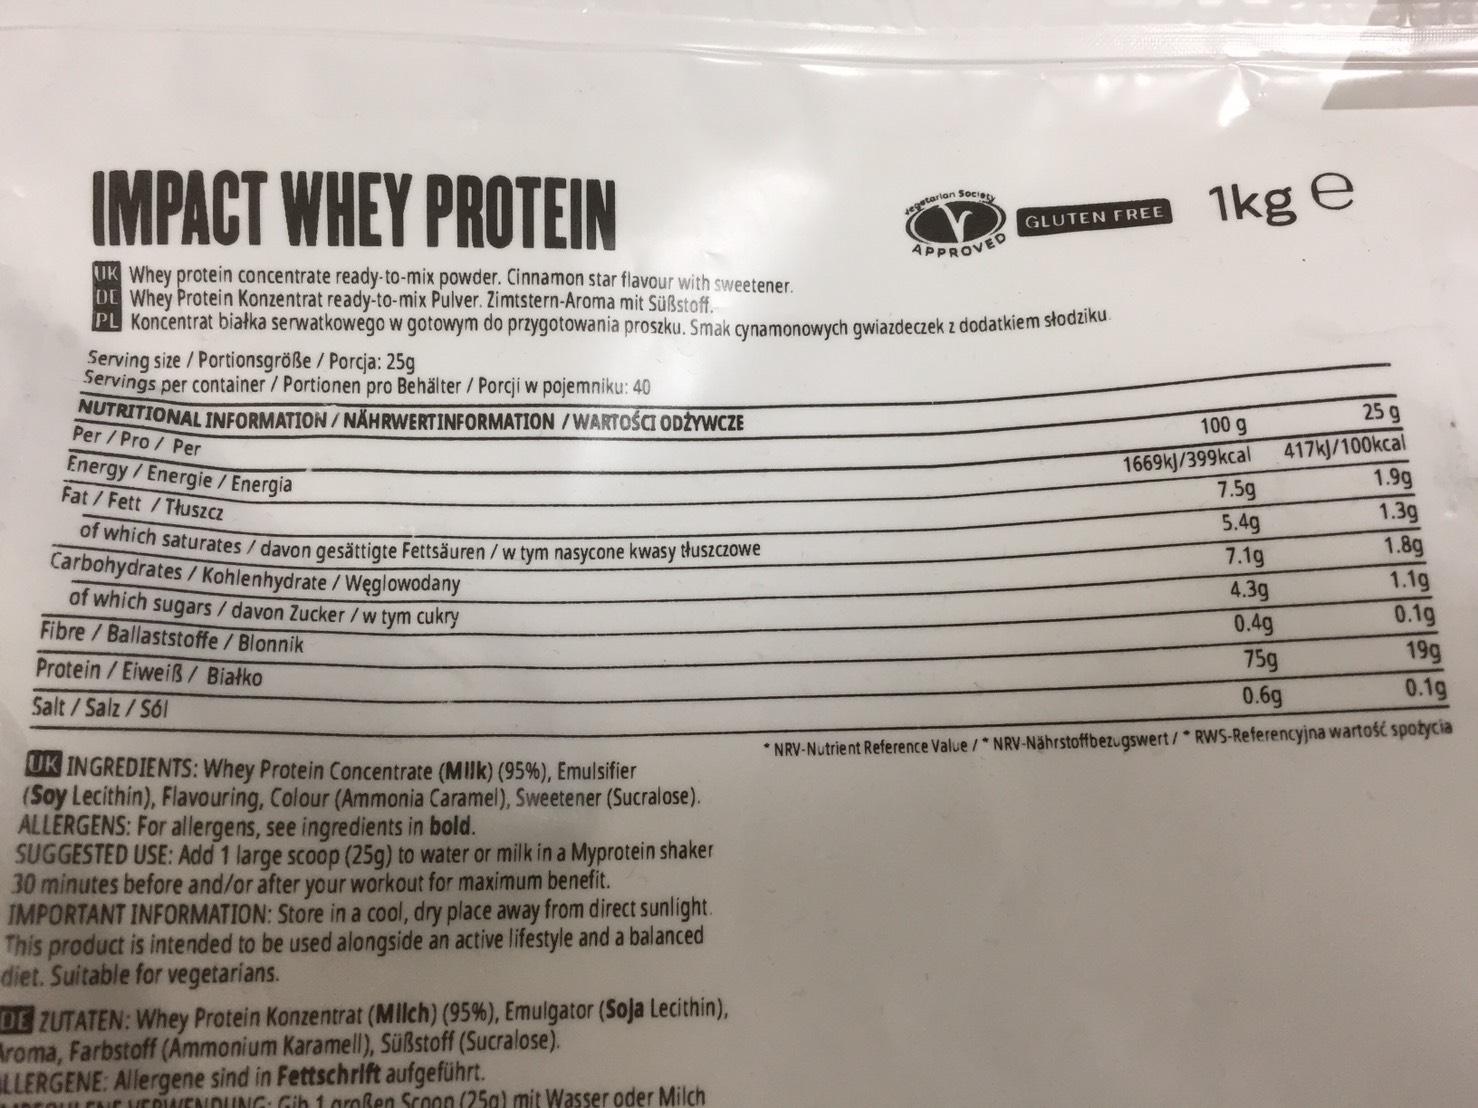 【WPC】Impactホエイプロテイン「シナモンスタークッキー味」の成分表の確認